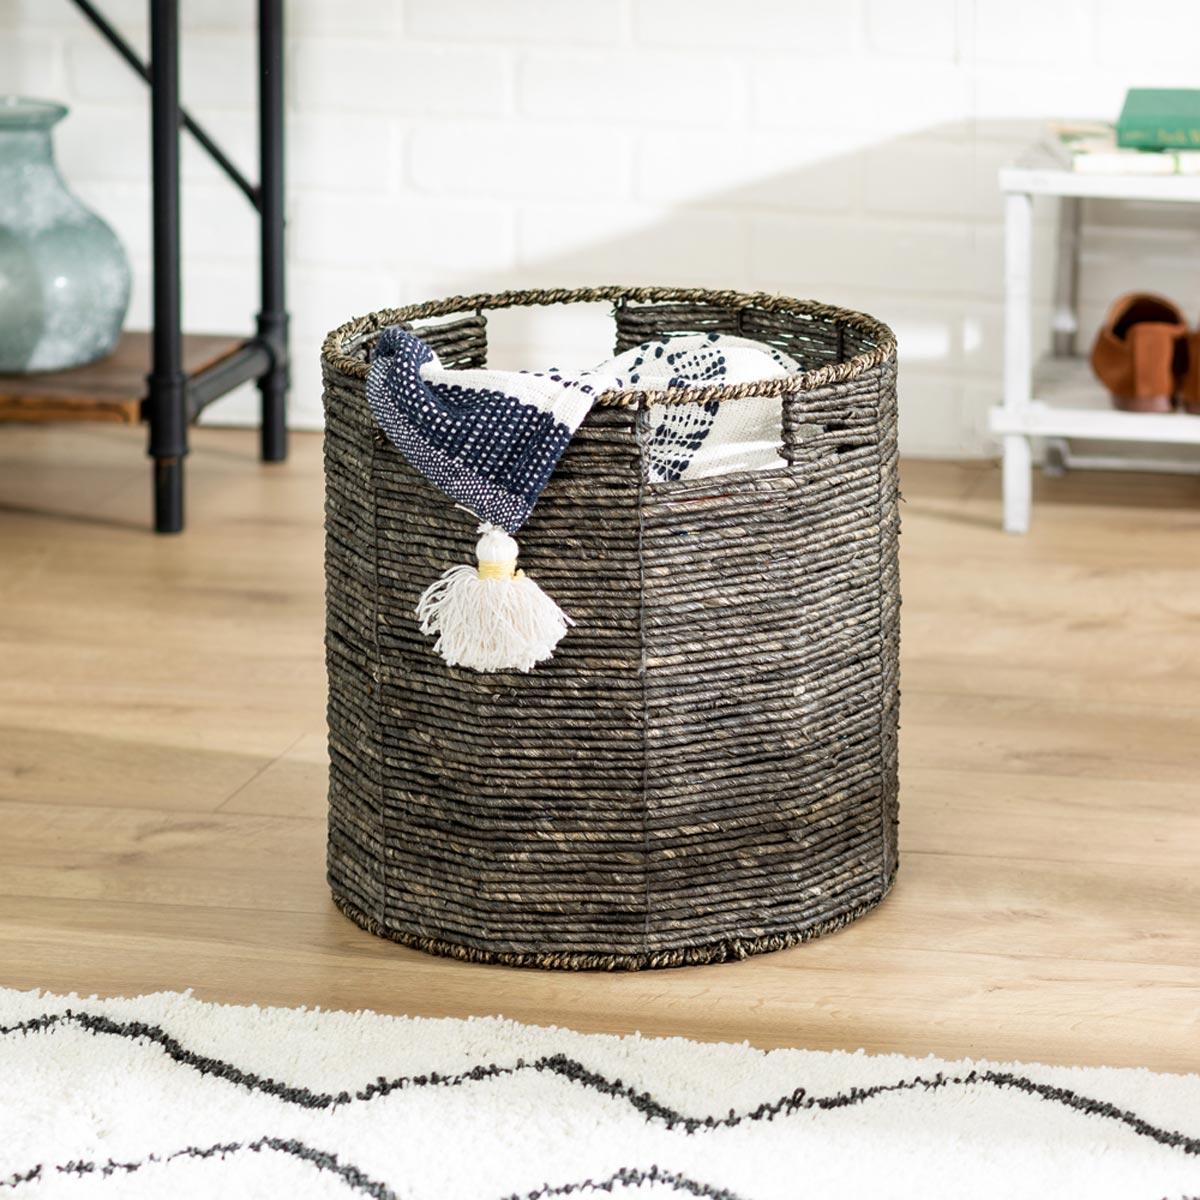 13.4 in. x 13.4 in. Geo Round Woven & Steel-Frame Storage Basket, Medium